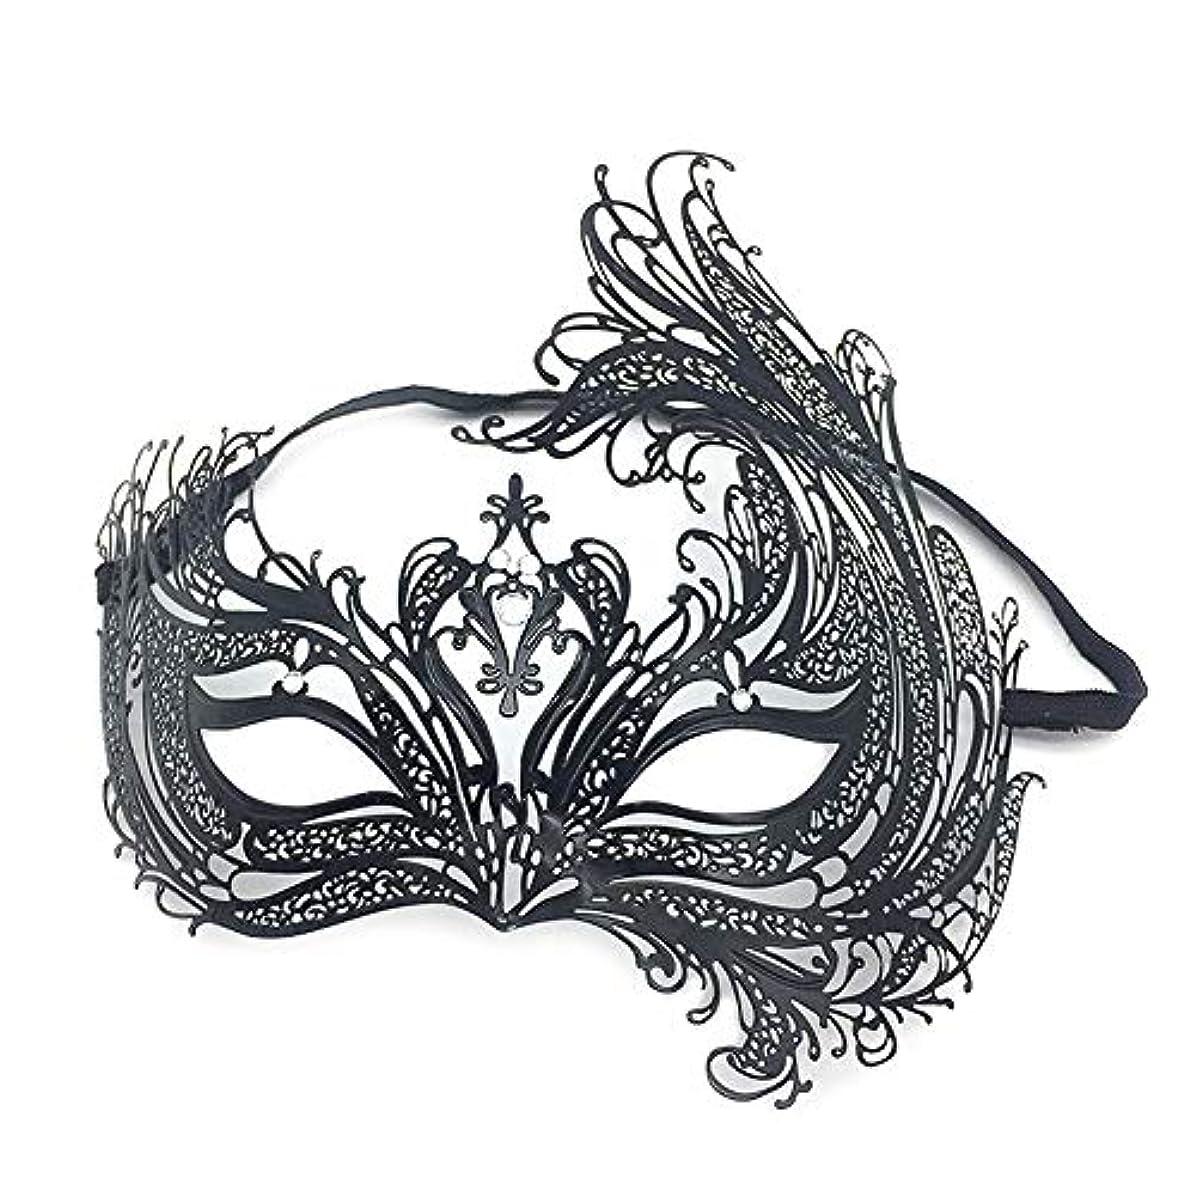 灰顔料ロックダンスマスク 仮面舞踏会パーティーブラックセクシーハーフフェイスフェニックスハロウィーンロールプレイングメタルマスクガール ホリデーパーティー用品 (色 : ブラック, サイズ : 20x19cm)